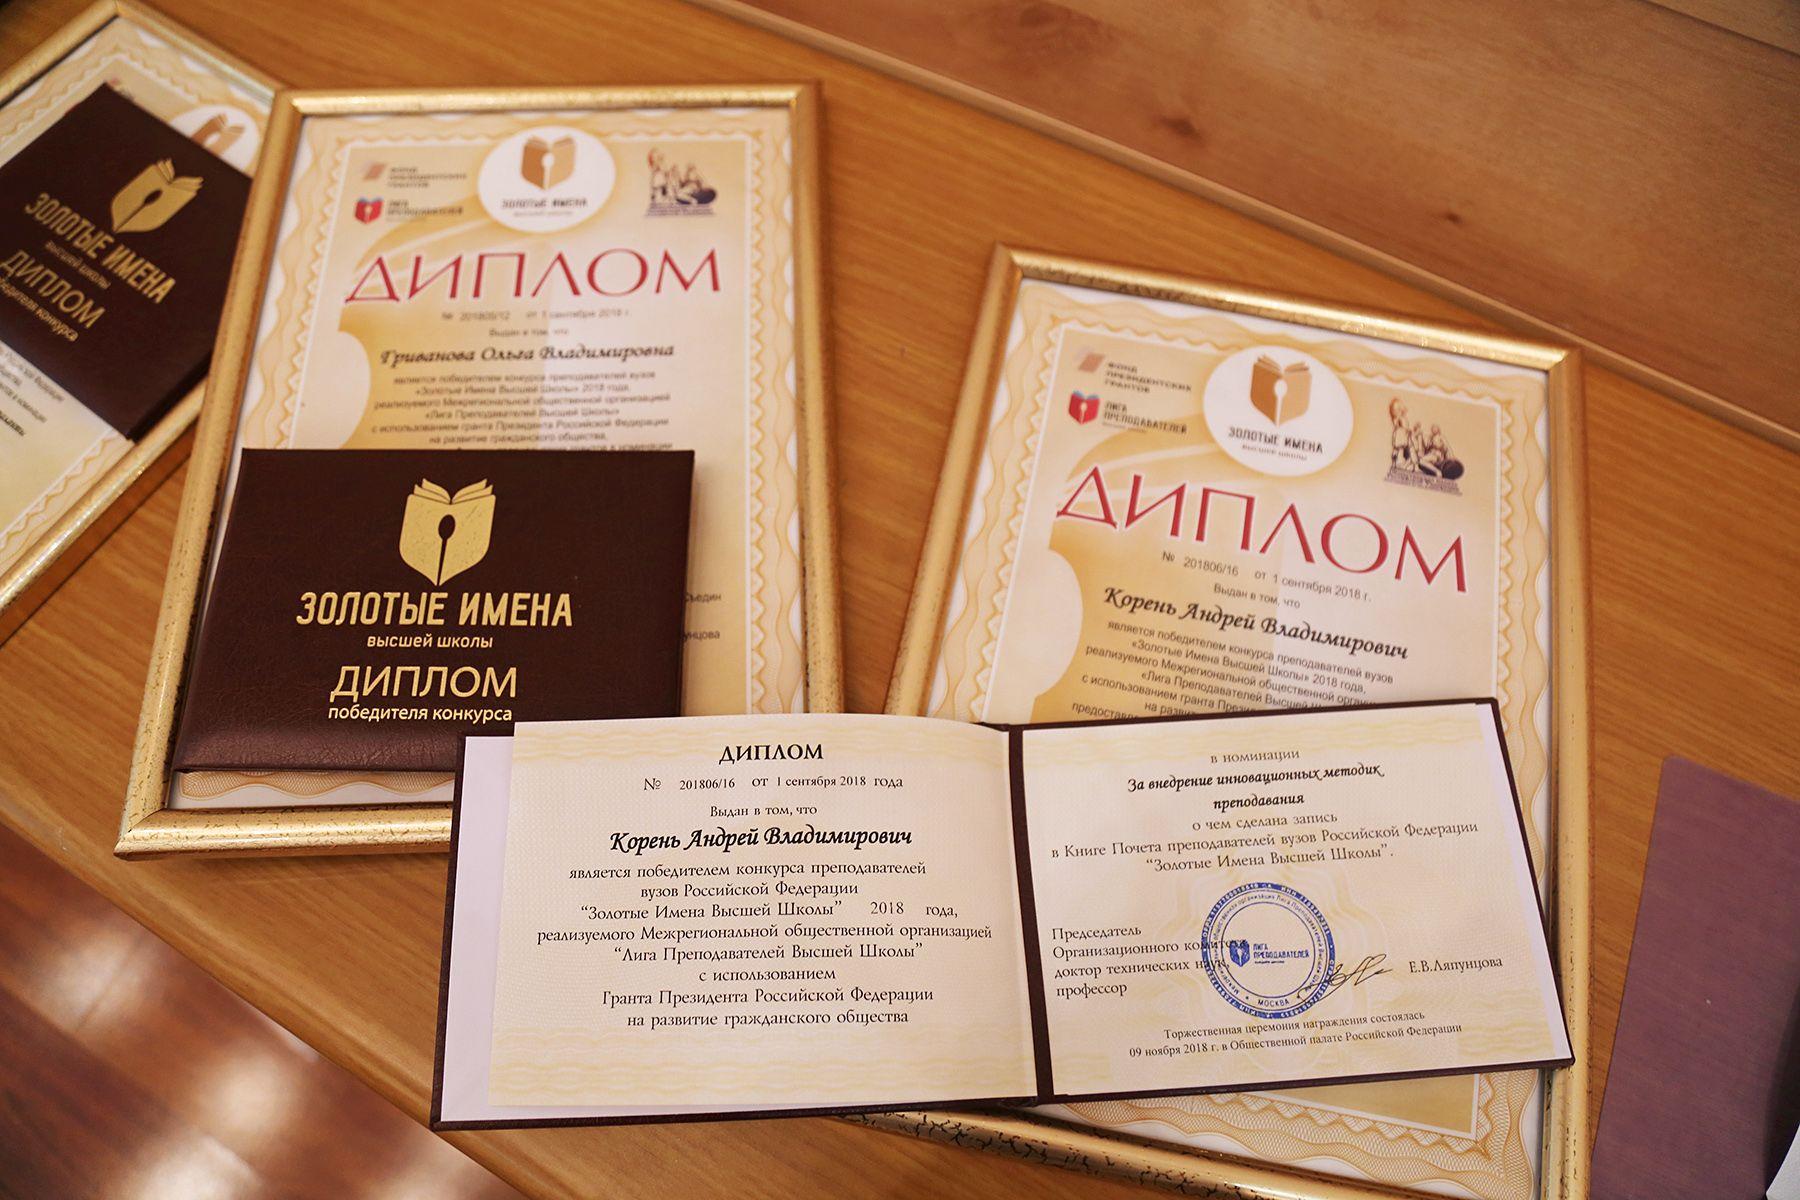 Преподавателям ВГУЭС вручили дипломы победителей всероссийского конкурса «Золотые имена Высшей школы»